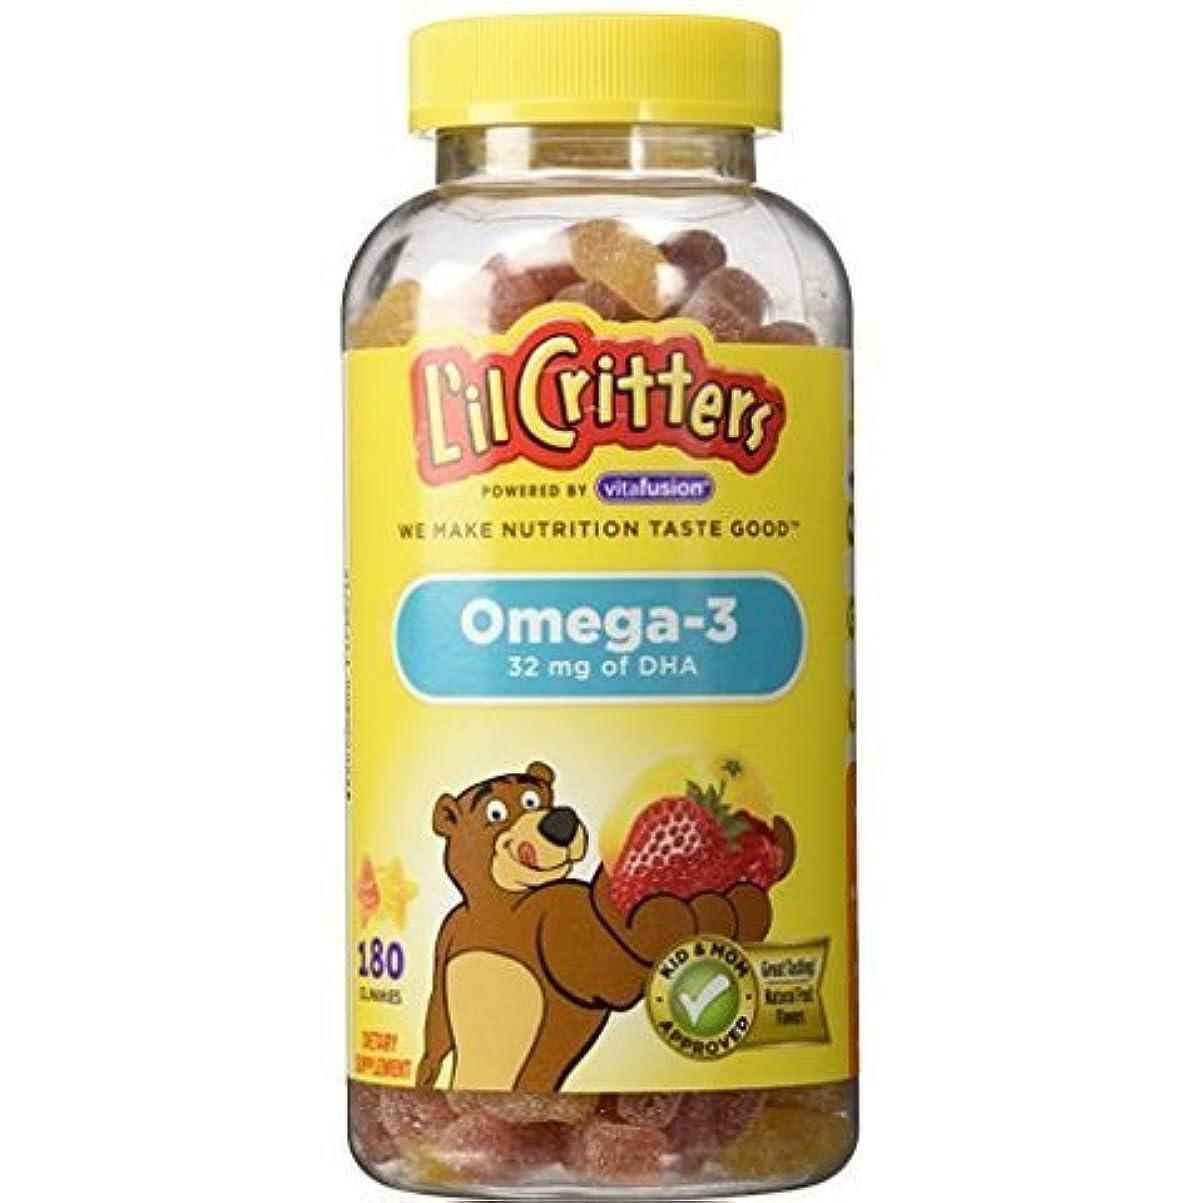 ゆり感情フリッパーL'il Critters クルクリターズ 子供用ビタミングミ オメガ3 DHA 180粒 [並行輸入品]